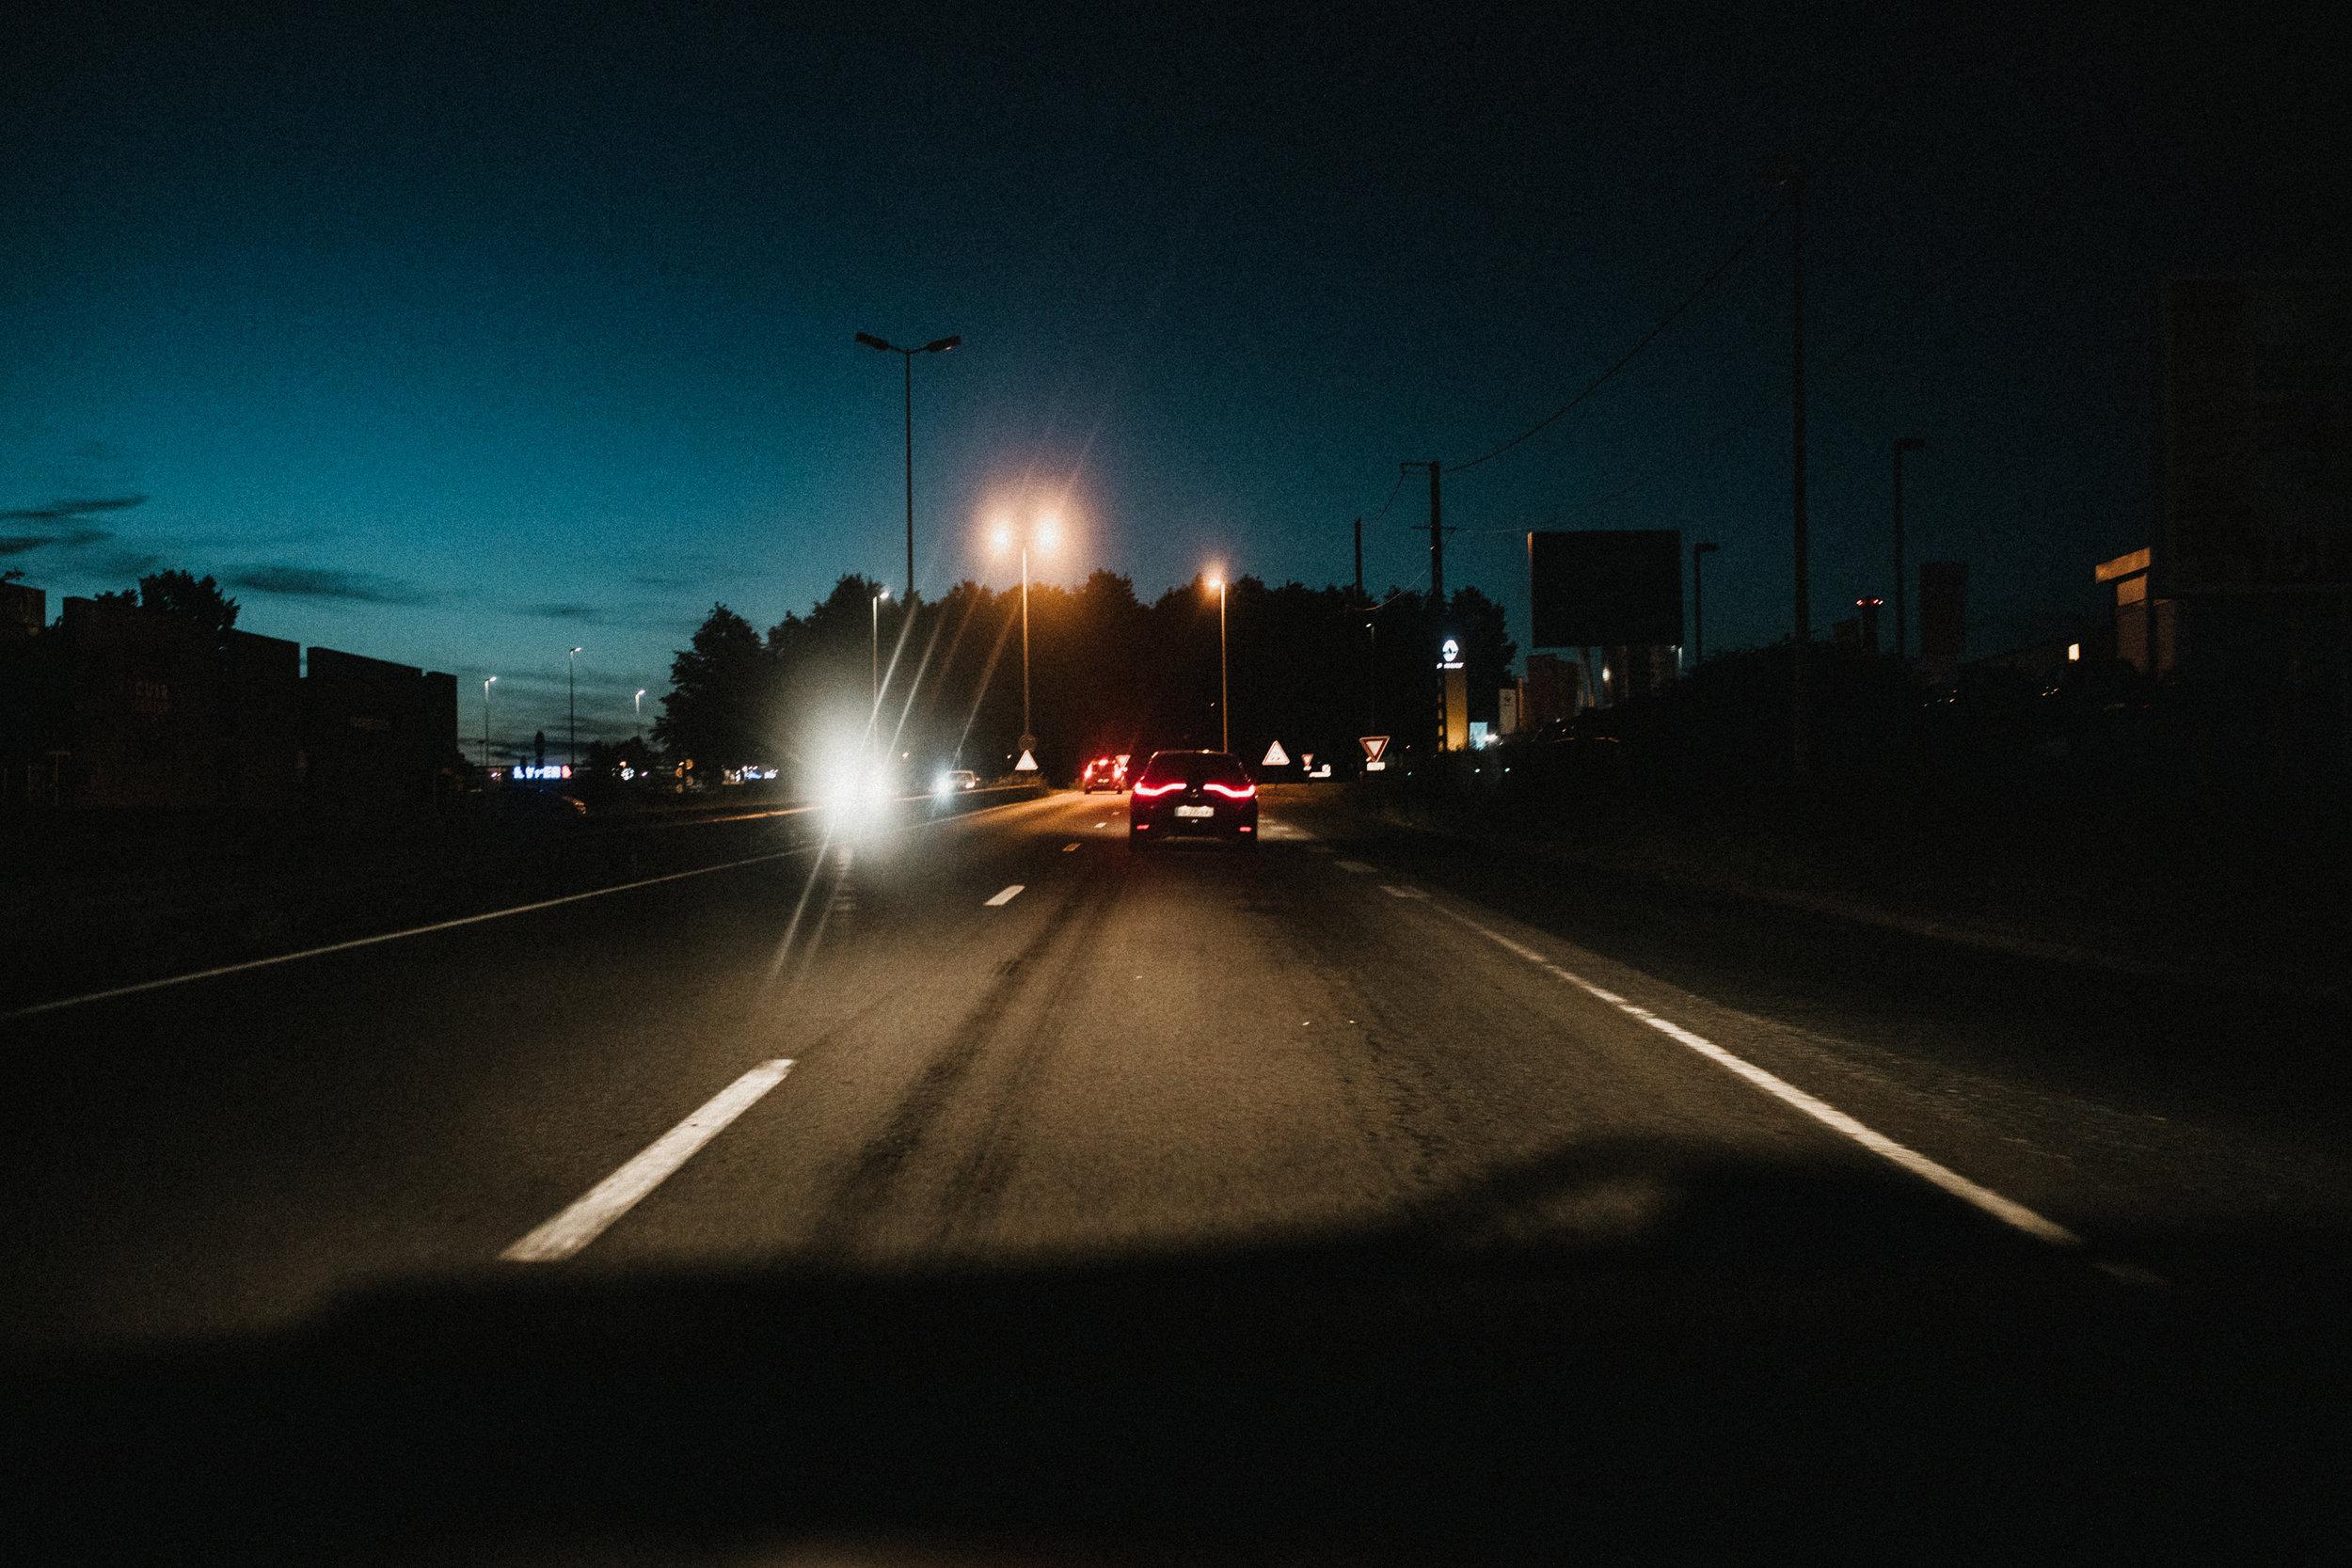 2019.06.01 road-9125.jpg